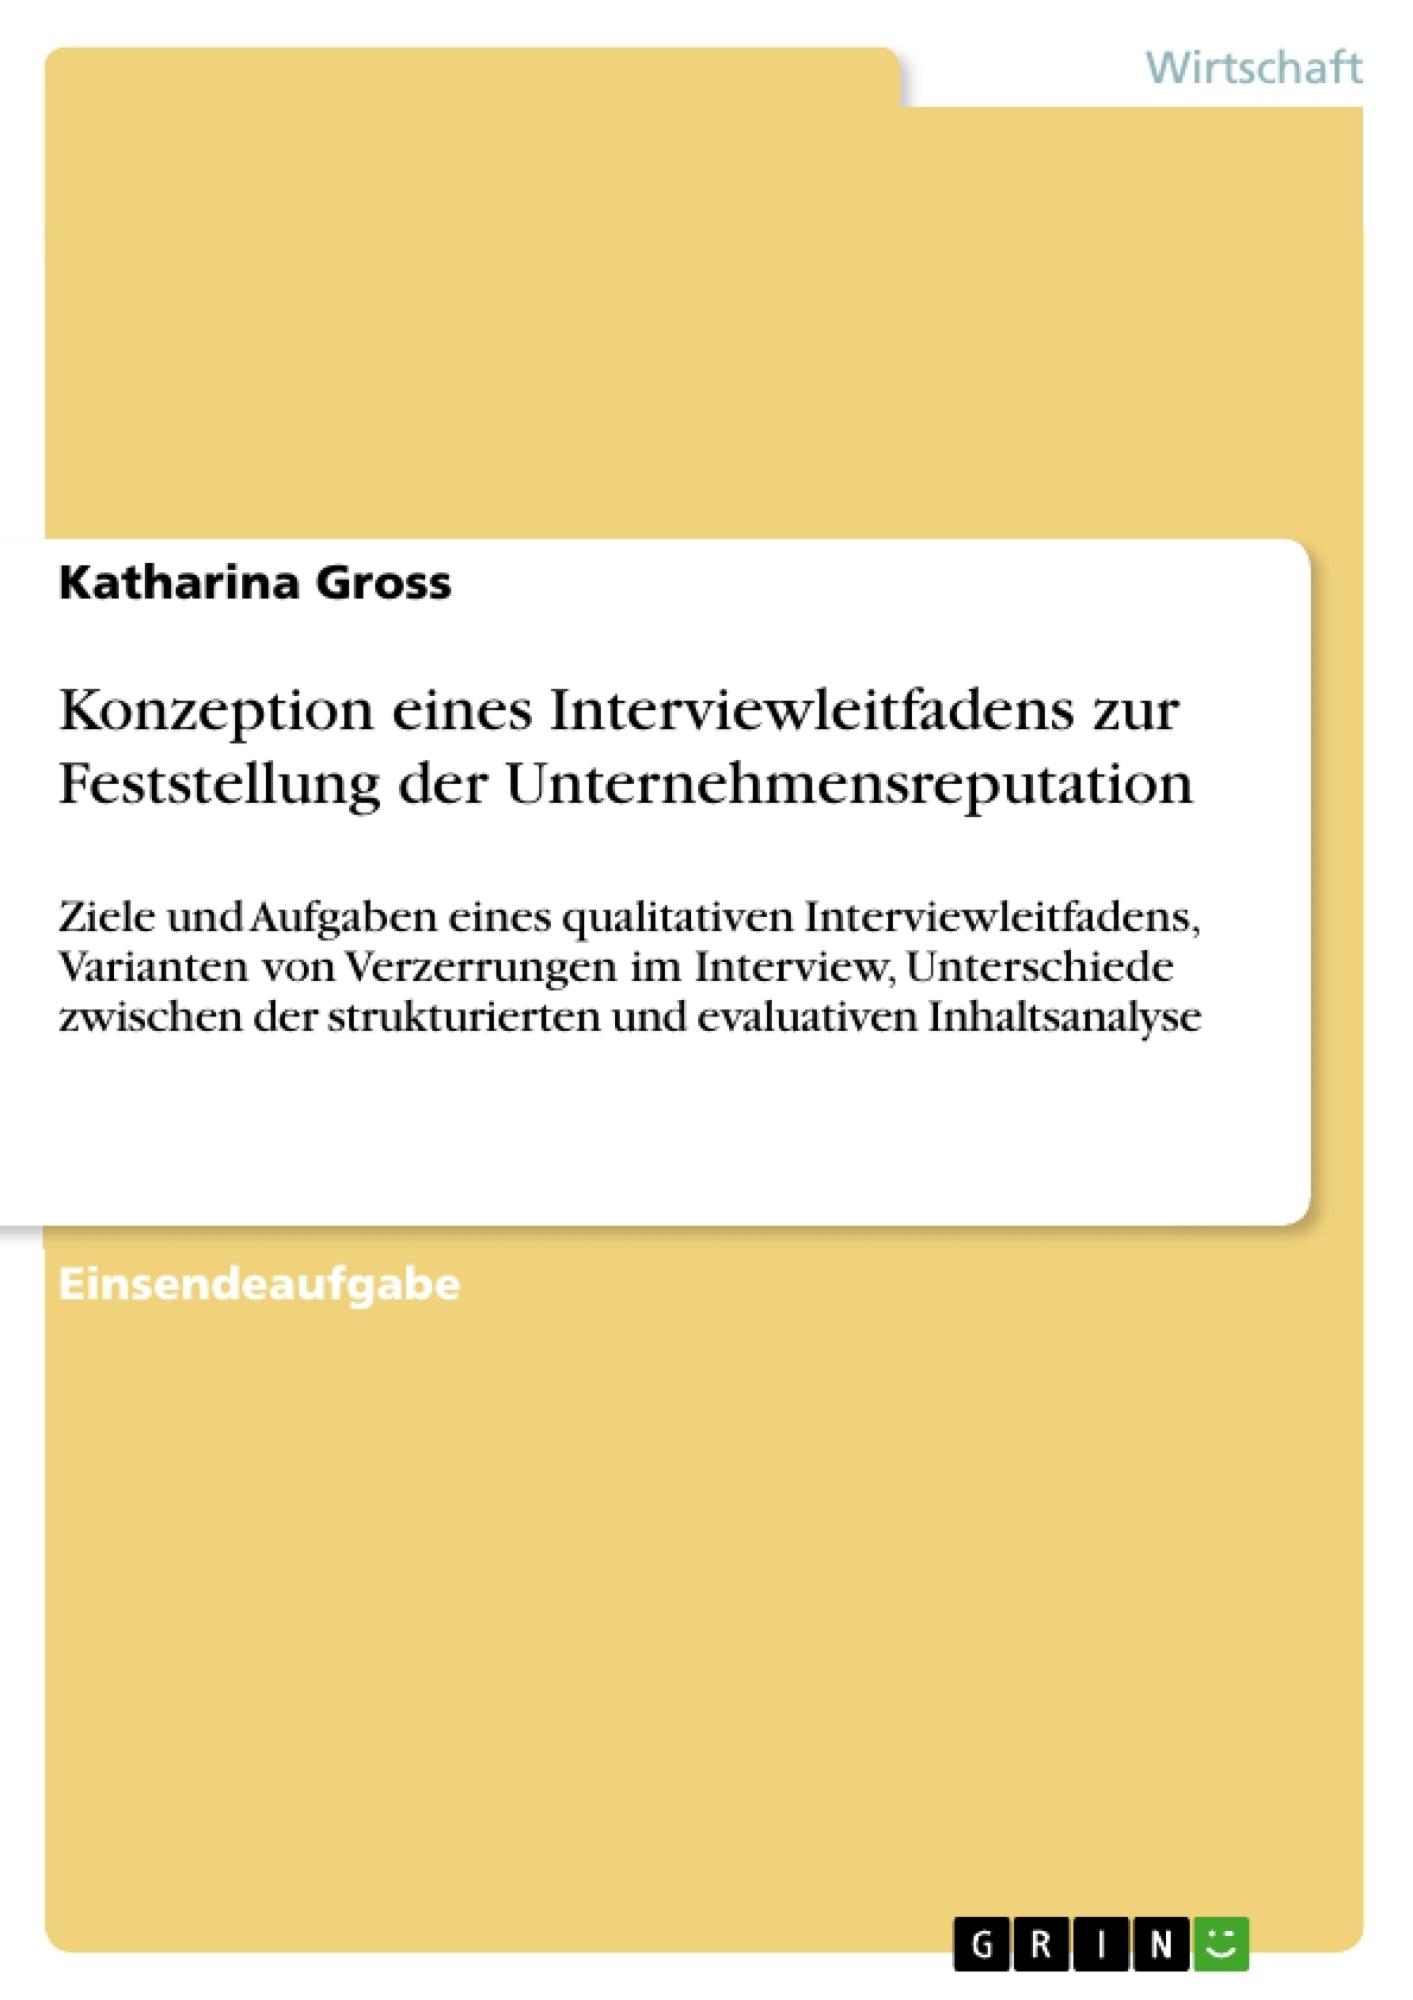 Titel: Konzeption eines Interviewleitfadens zur Feststellung der Unternehmensreputation